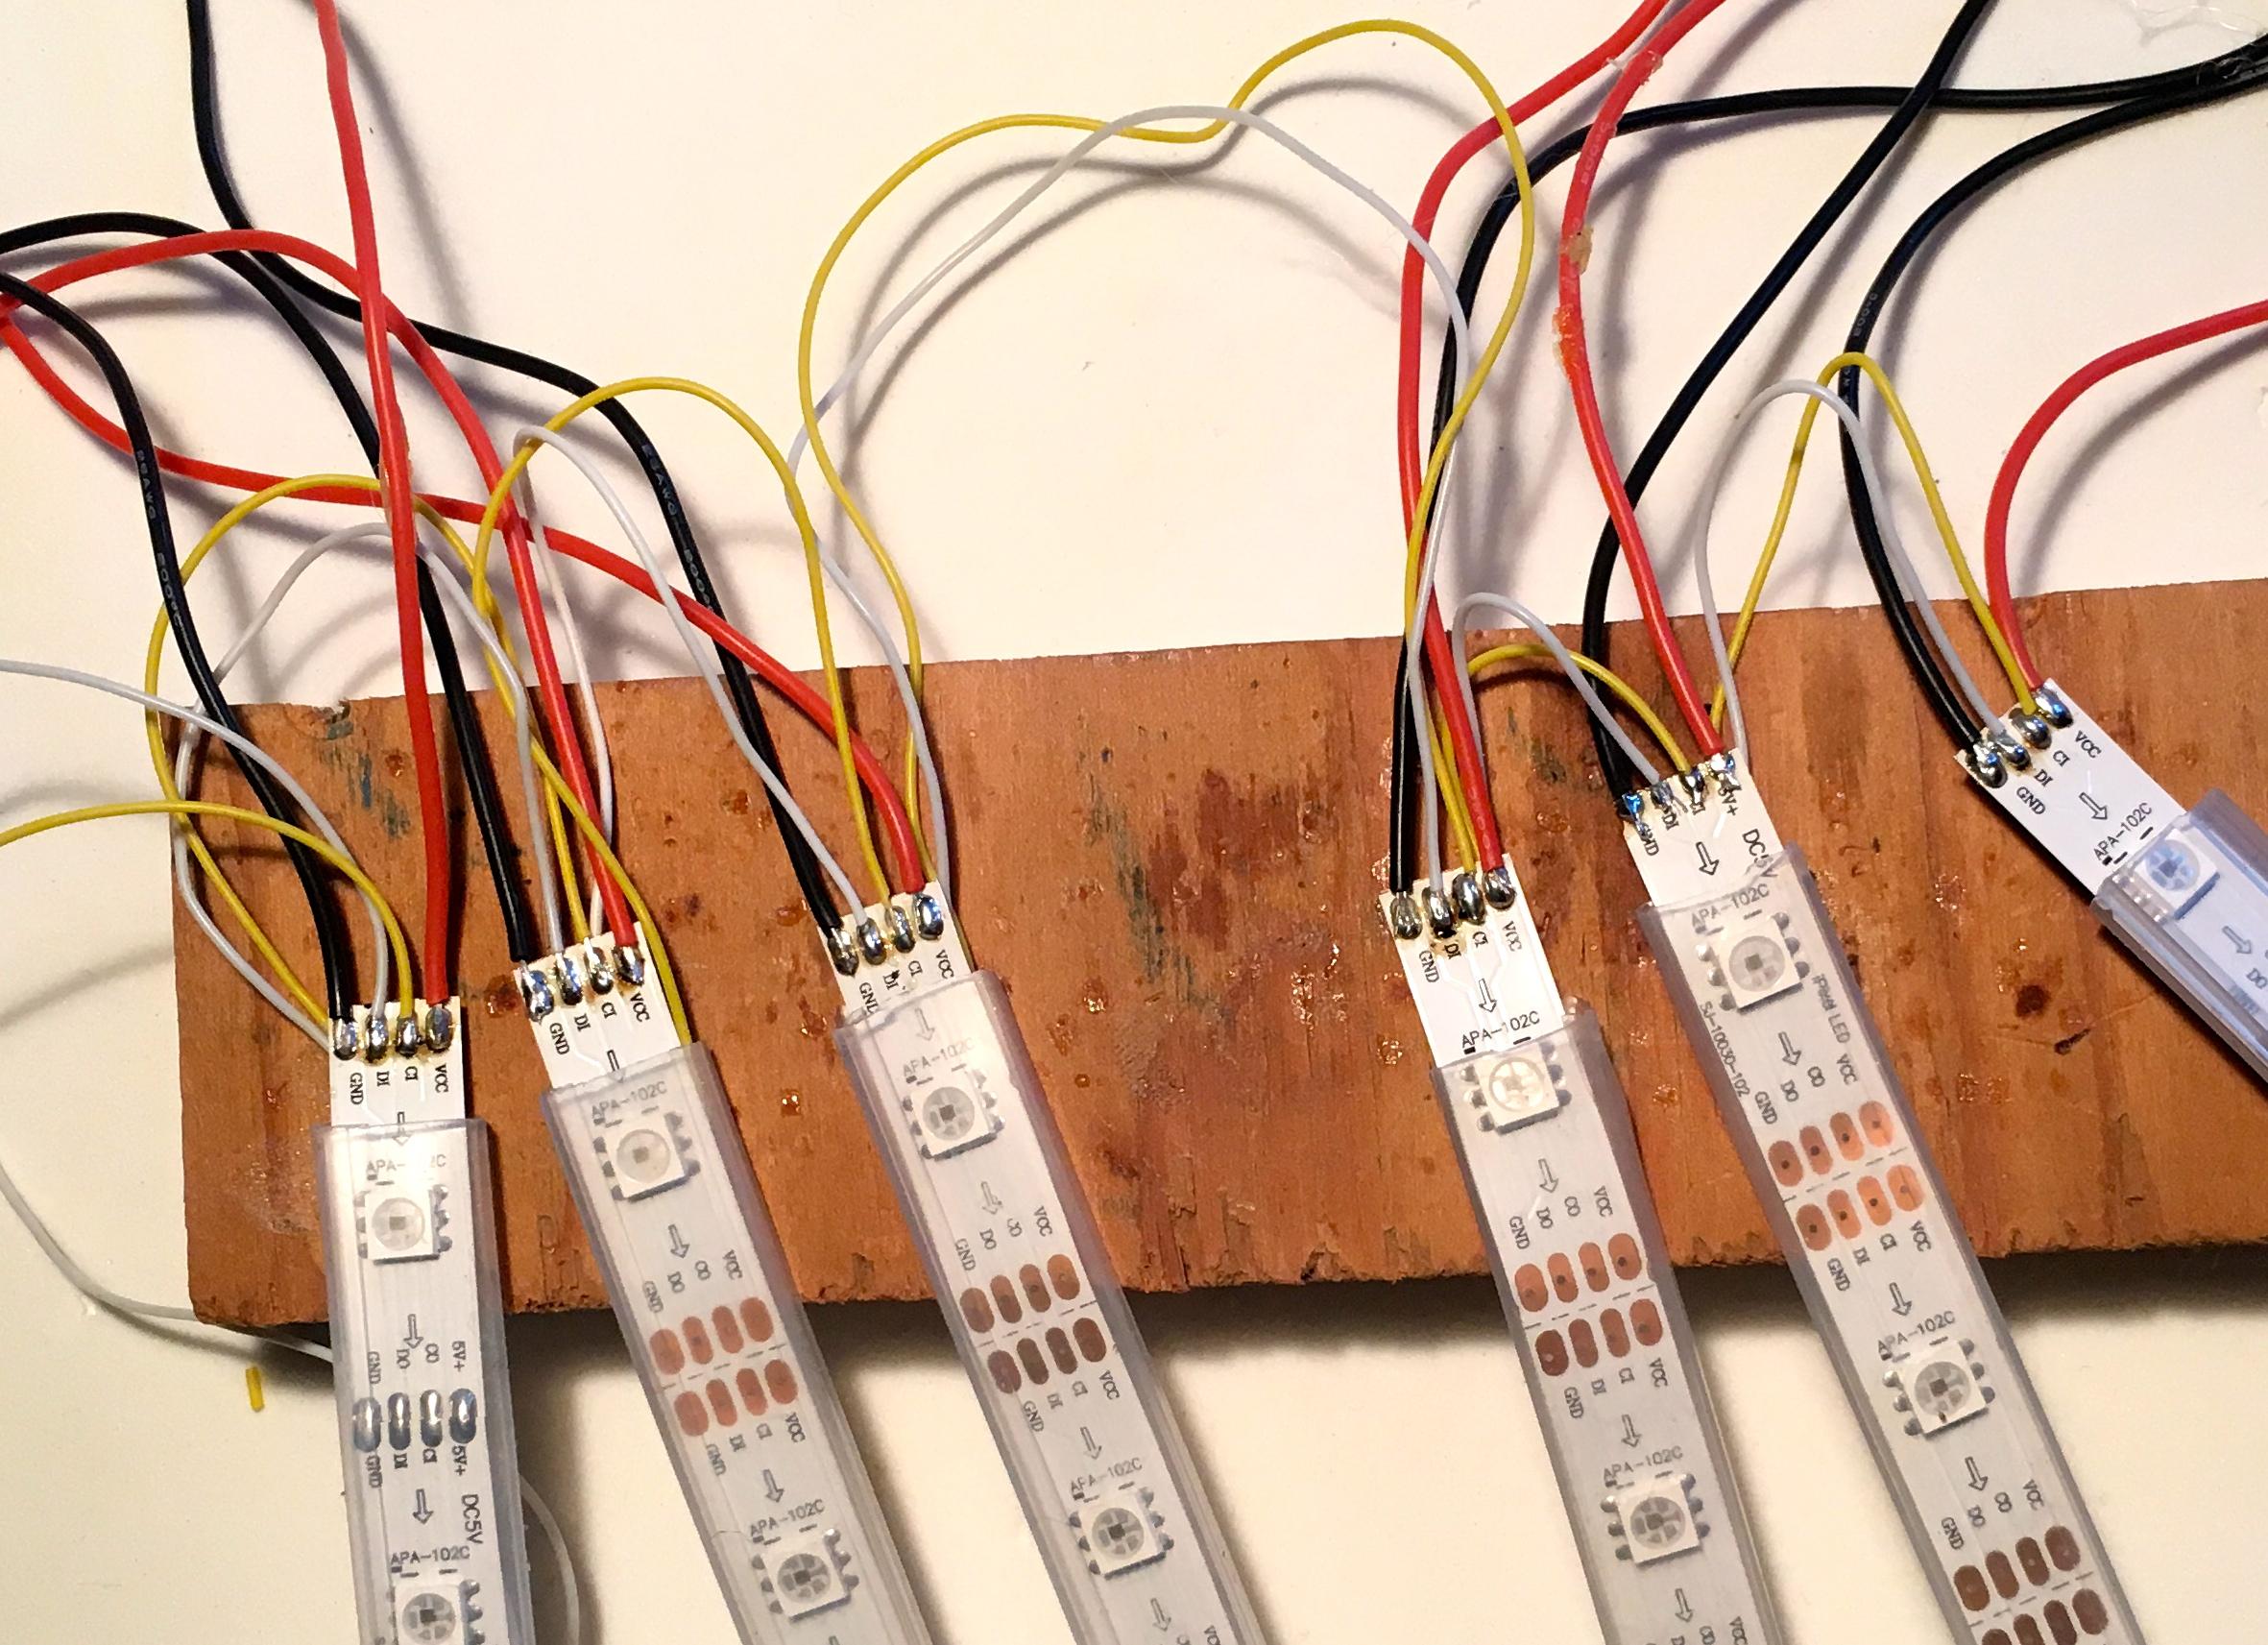 led_strips_IMG_5602.jpg